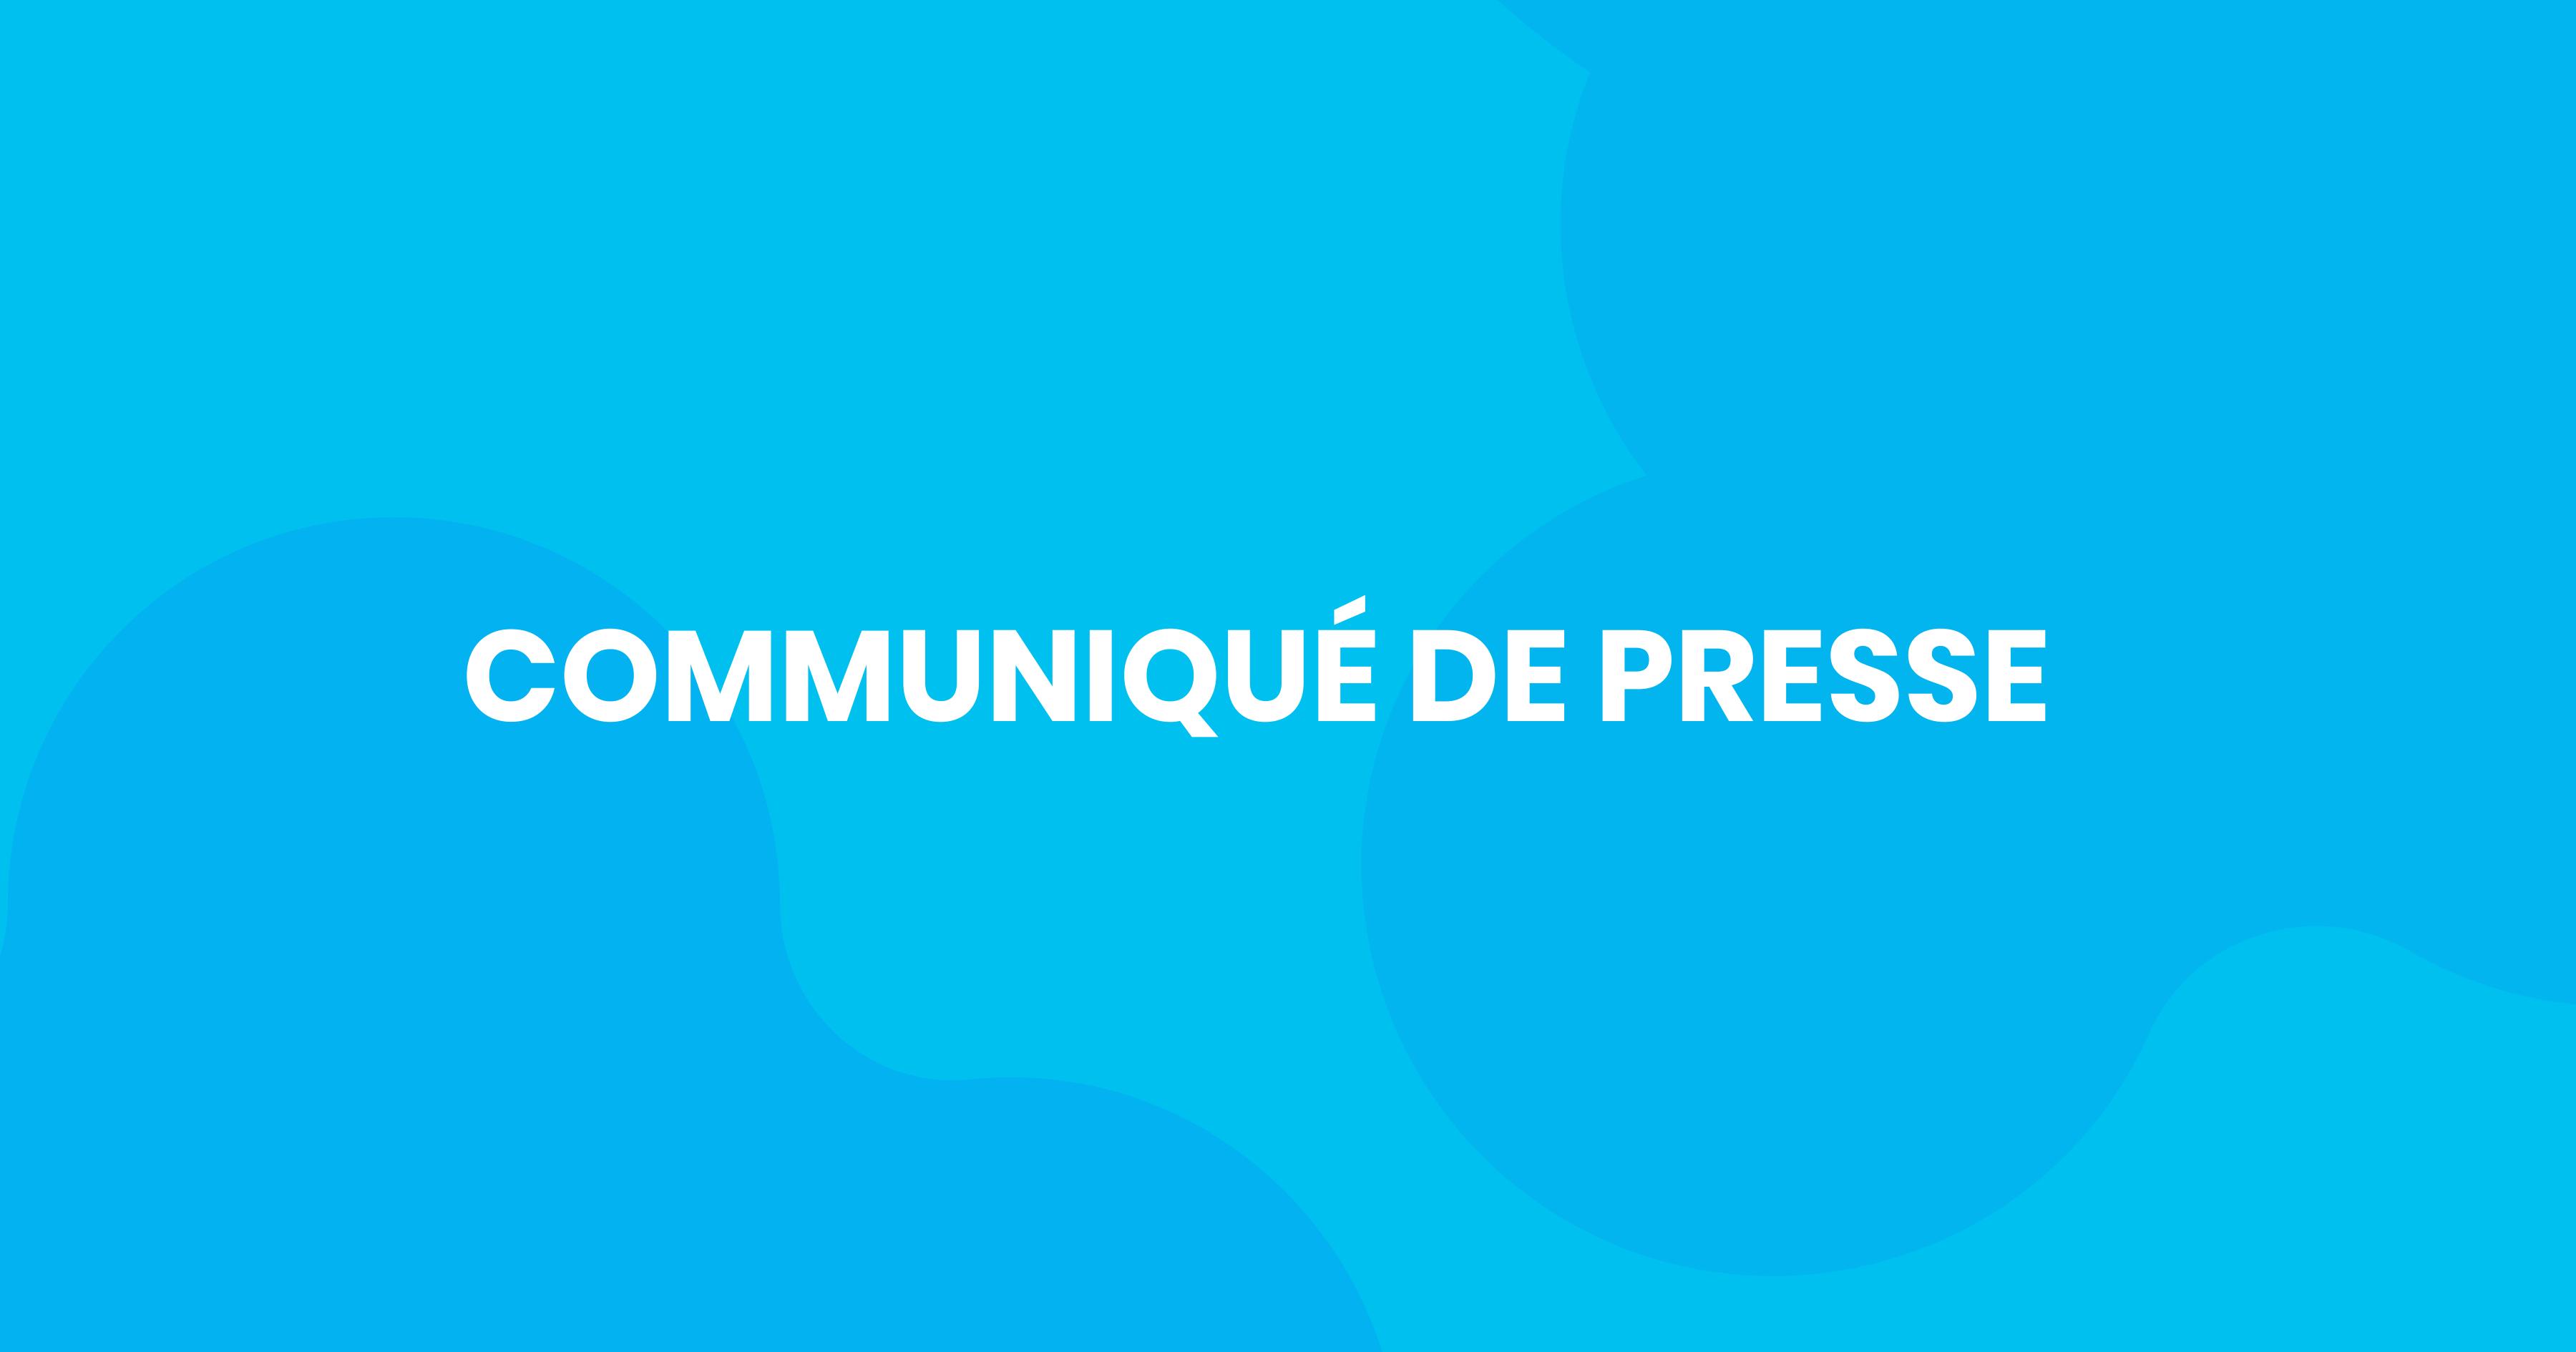 COMMUNIQUE DE PRESSE INVENIS